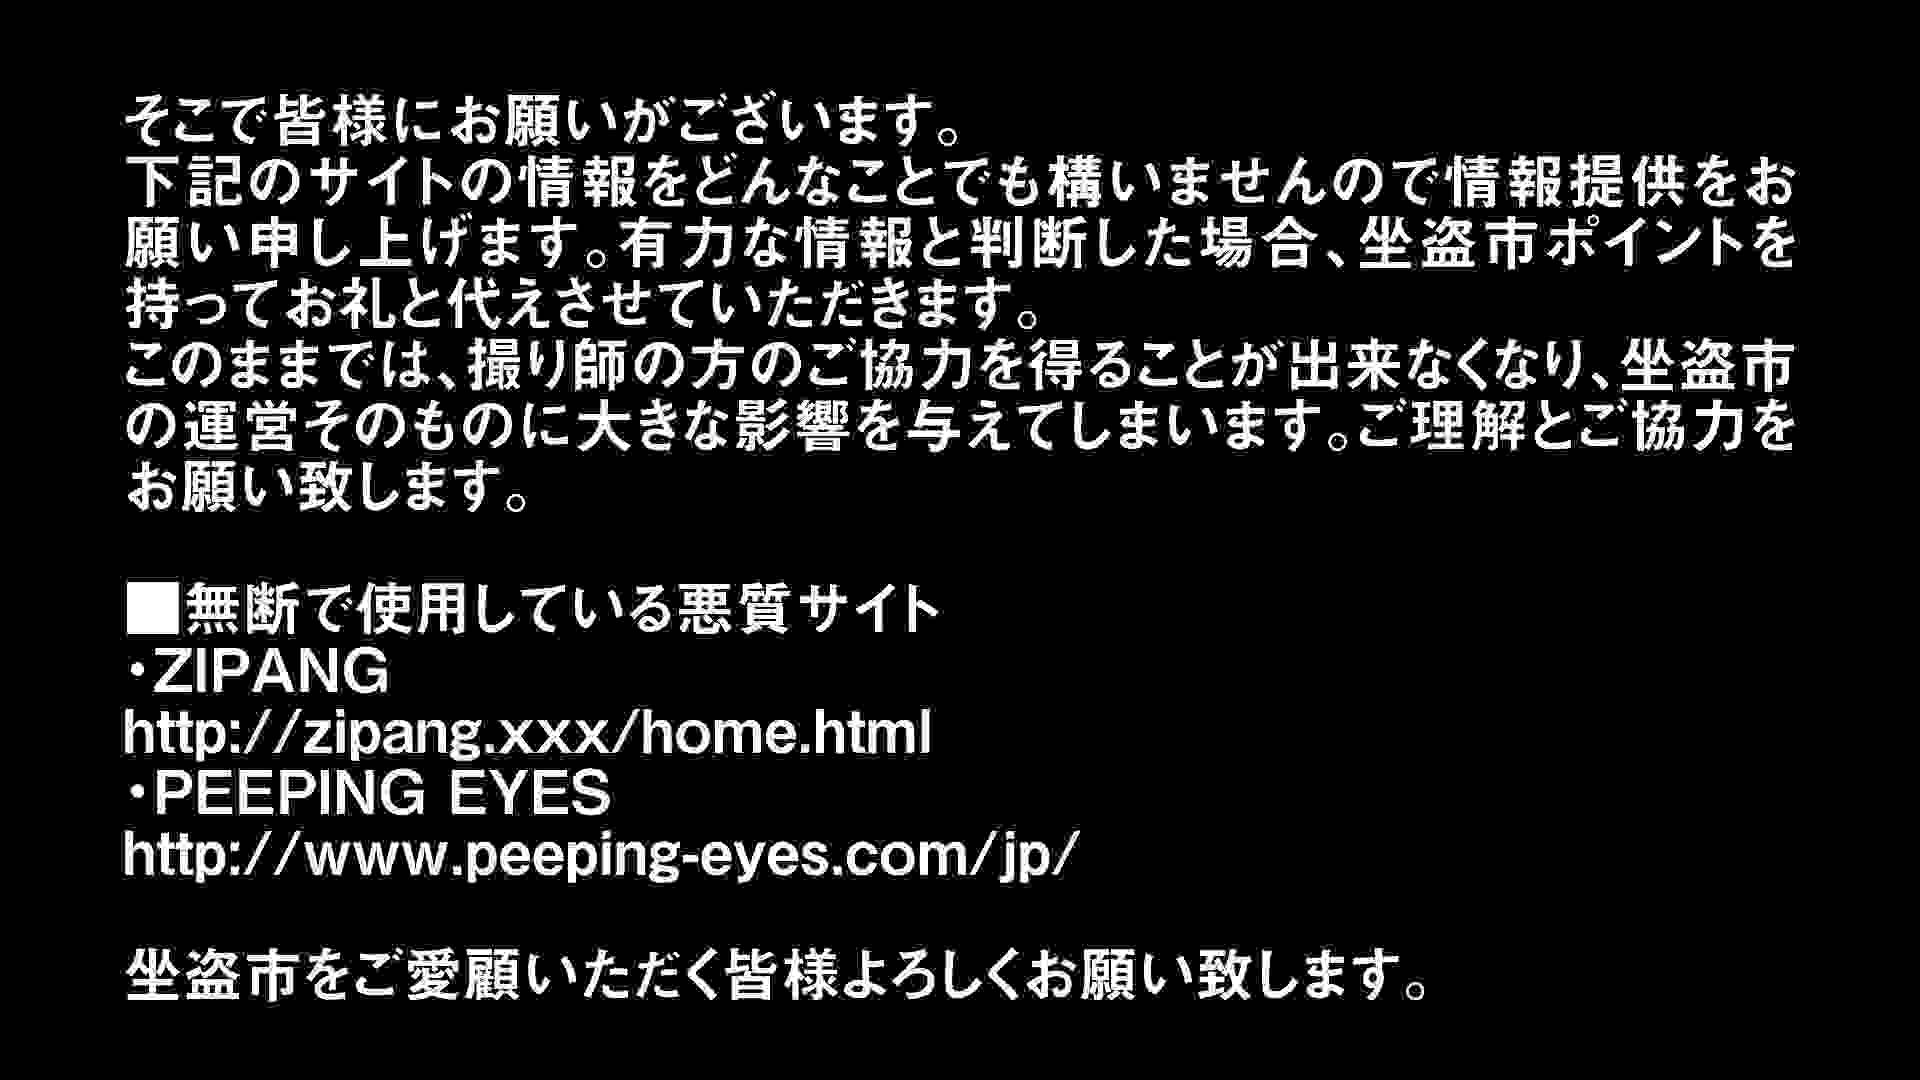 Aquaな露天風呂Vol.300 盗撮シリーズ  110PIX 42